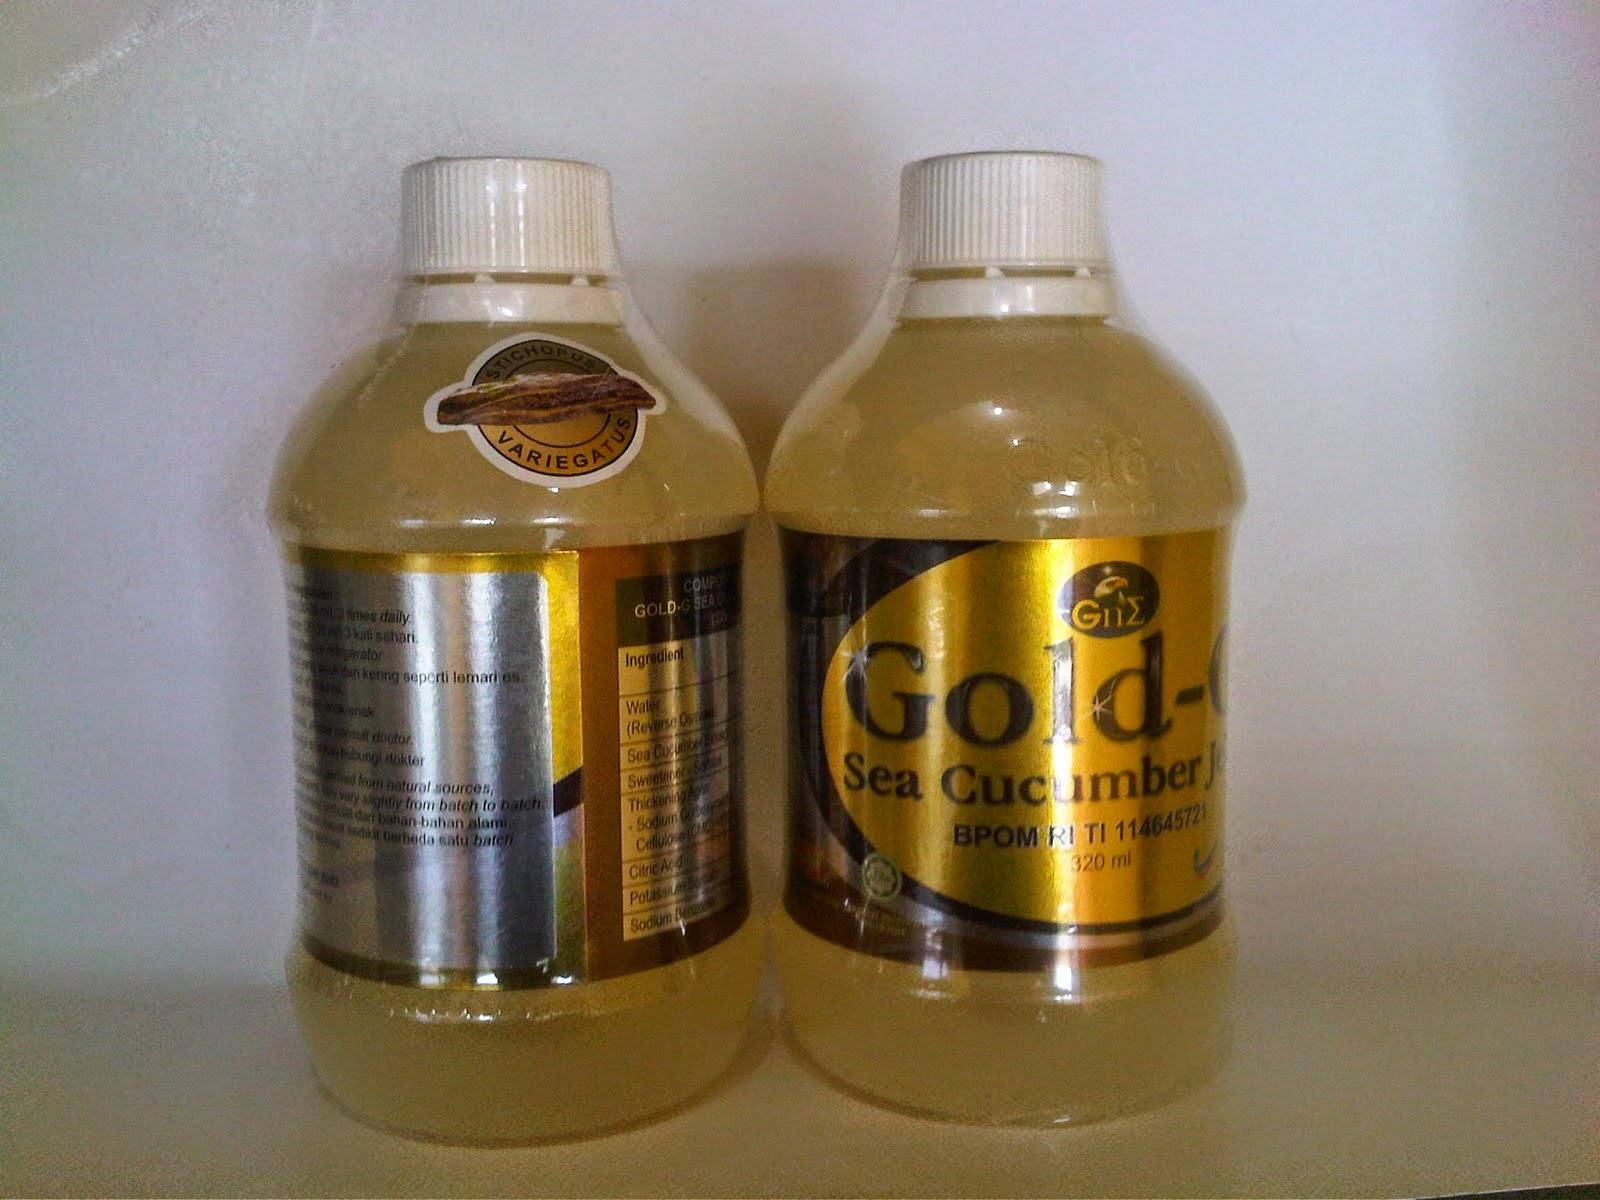 http://obatmujarabjerawat.blogspot.com/